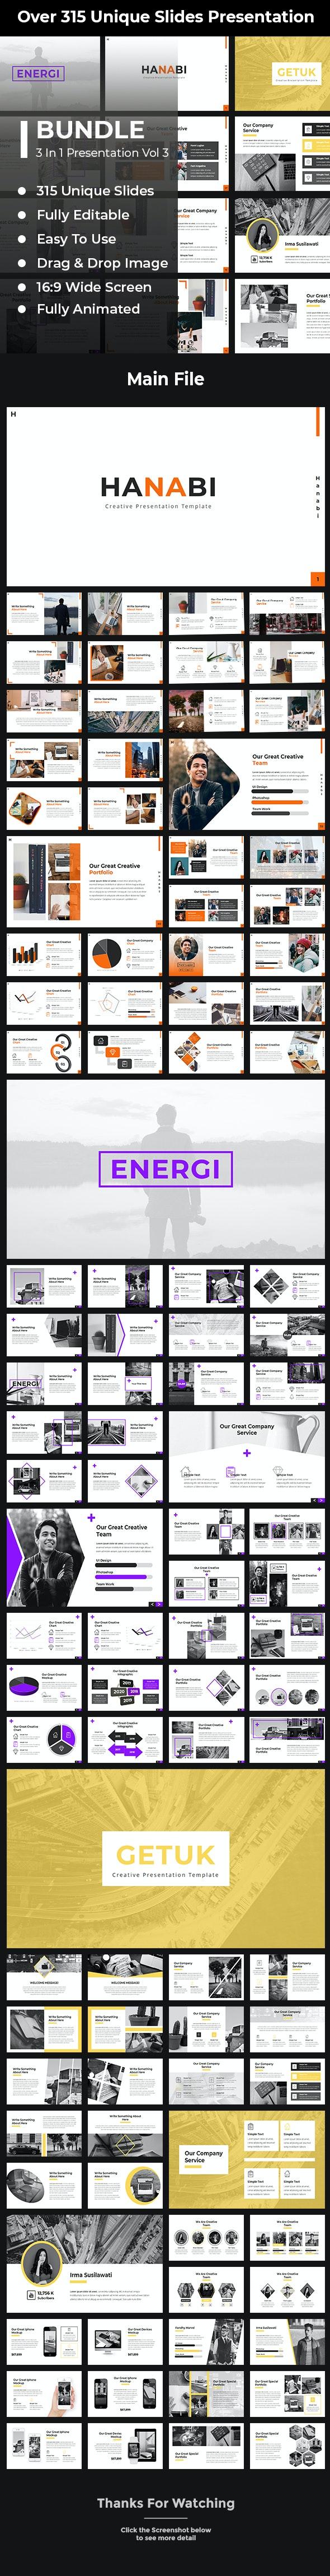 Bundle 3 in 1 Keynote Template Vol 3 - Creative Keynote Templates